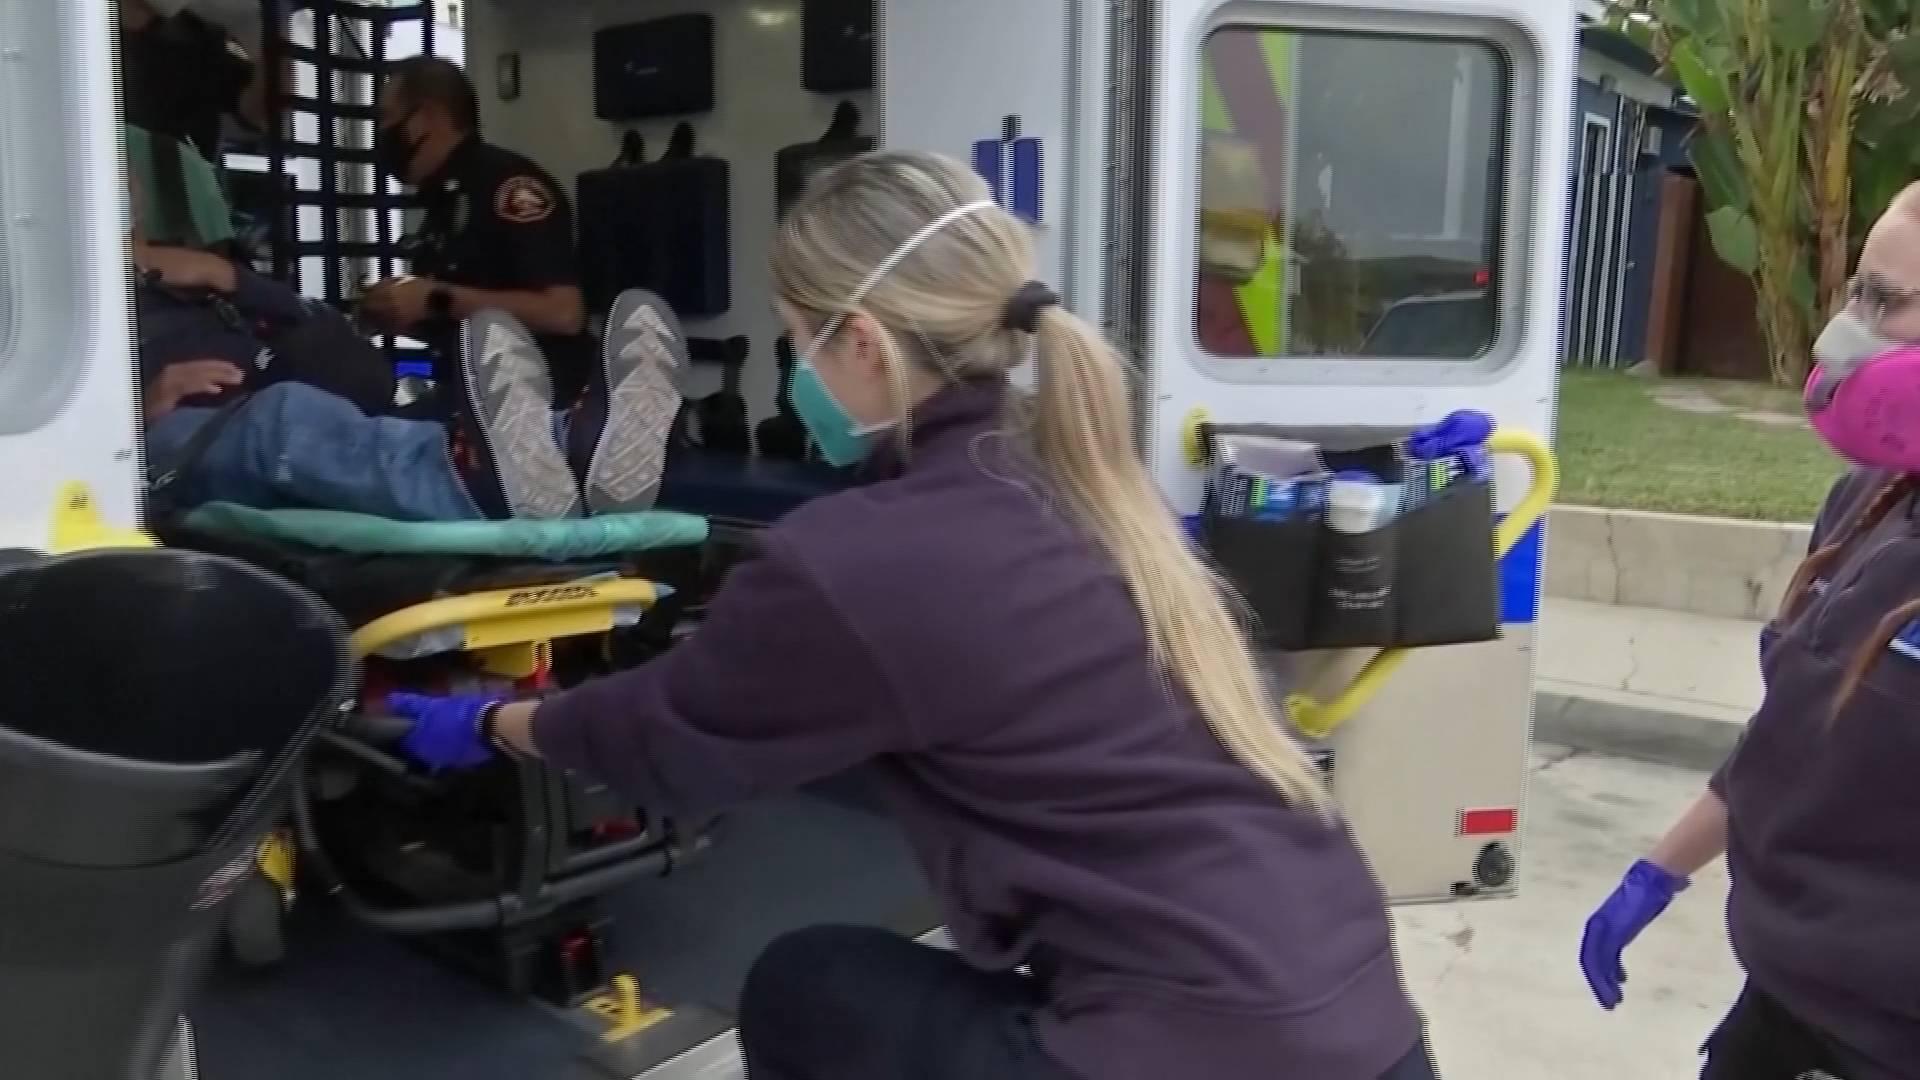 """全球战""""疫""""丨每8分钟就有1人因新冠肺炎死去 美国洛杉矶县部分病人躺推车上接受治疗"""